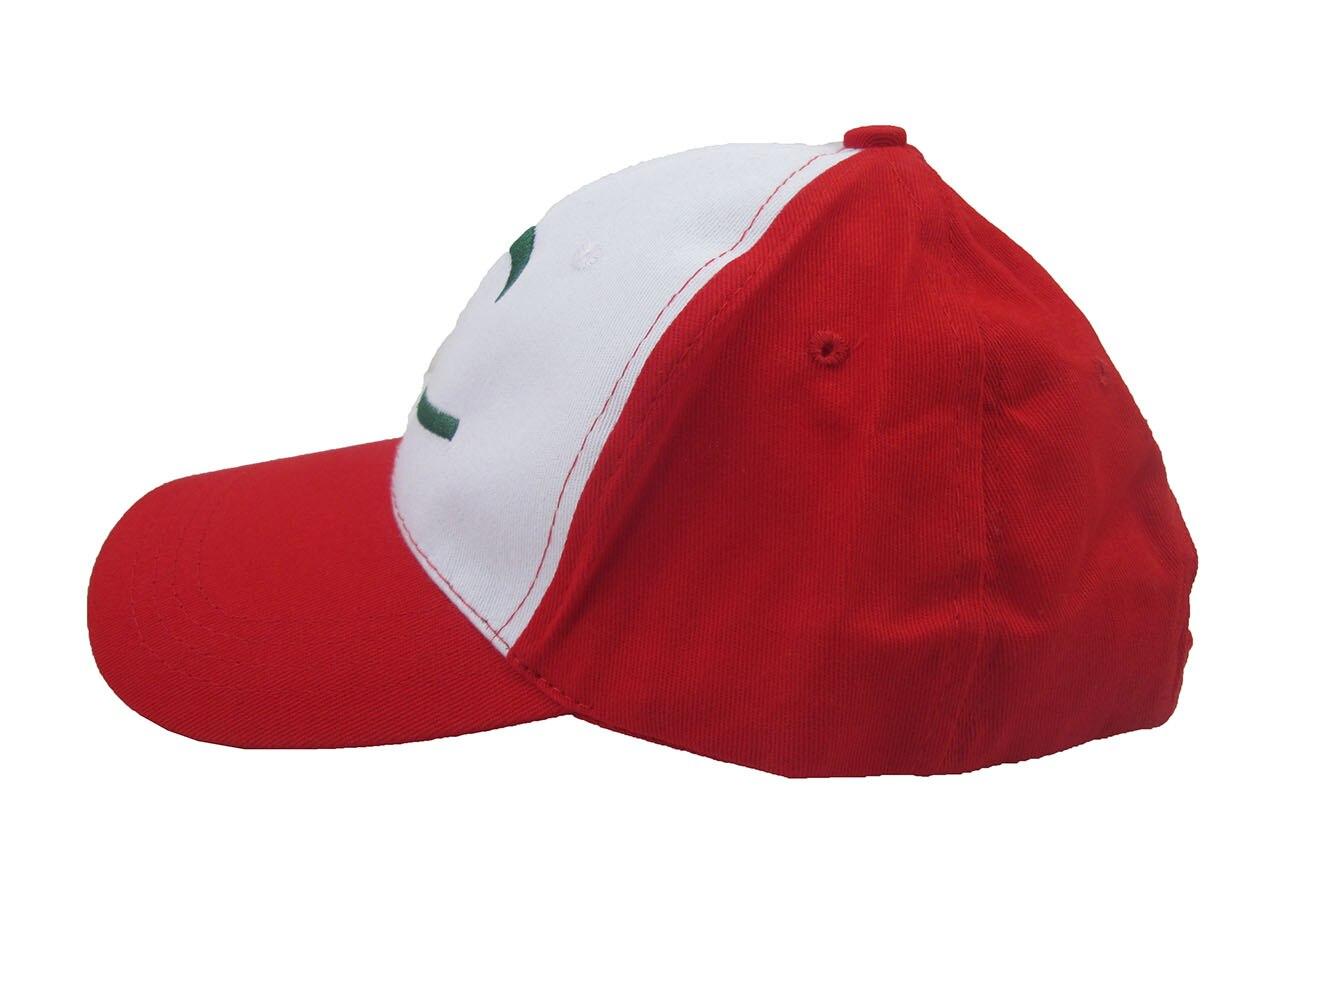 Brdwn Pocket Cosplay Ash Ketchum Hat Peaked mesh Baseball - Կարնավալային հագուստները - Լուսանկար 2